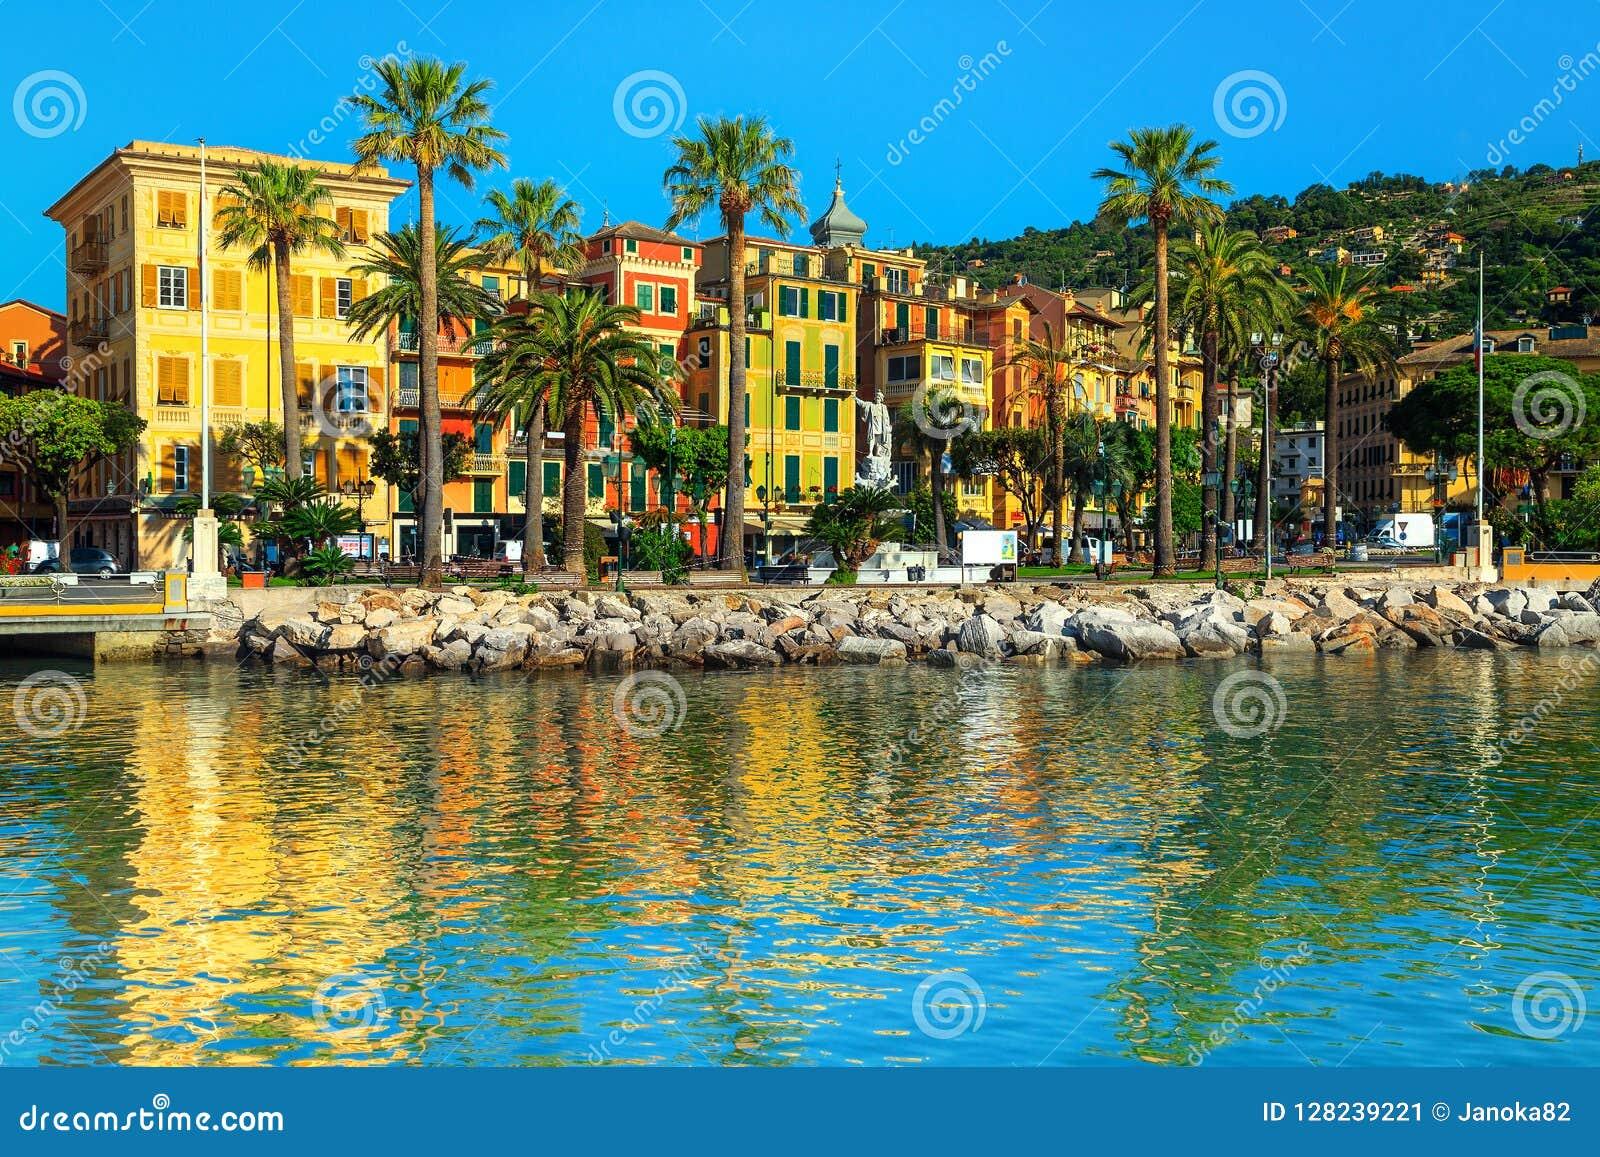 Городской пейзаж с красочными зданиями, Лигурия Санты Margherita Ligure, Италия